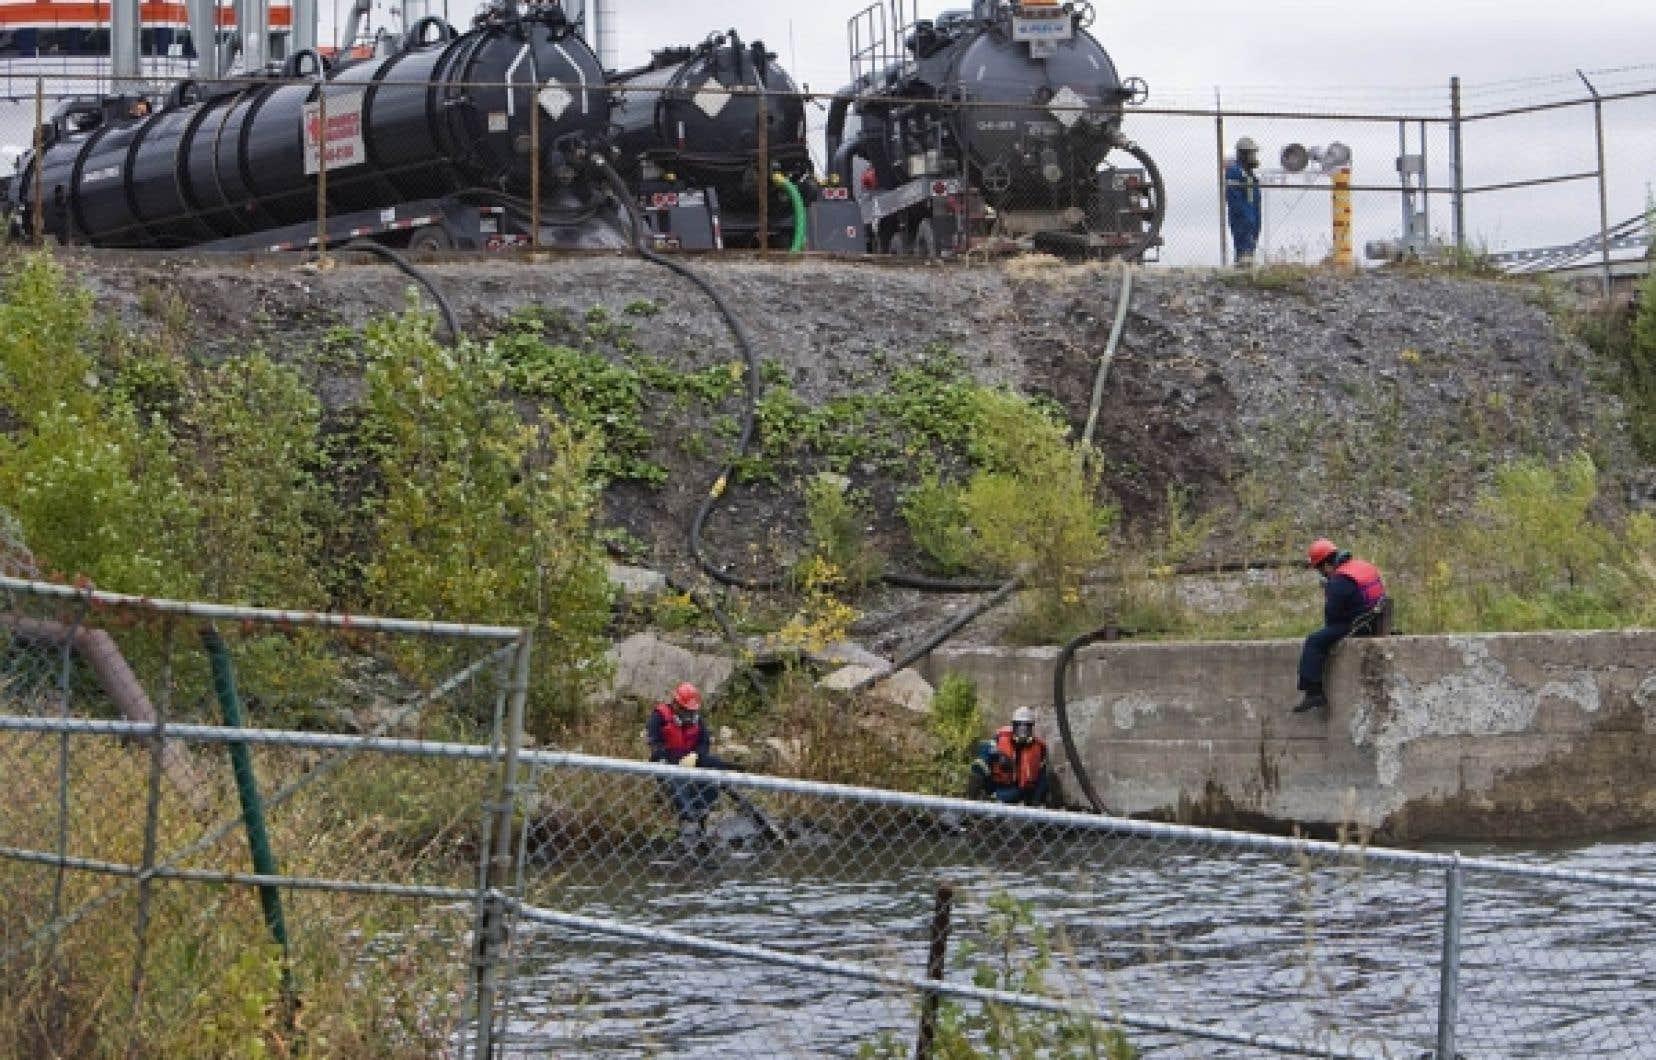 Des spécialistes s'affairaient hier à récupérer les 5500 litres de pétrole déversés dans le Saint-Laurent face aux quais 109 et 110 de Suncor-Petro Canada à Pointe aux-Trembles.<br />